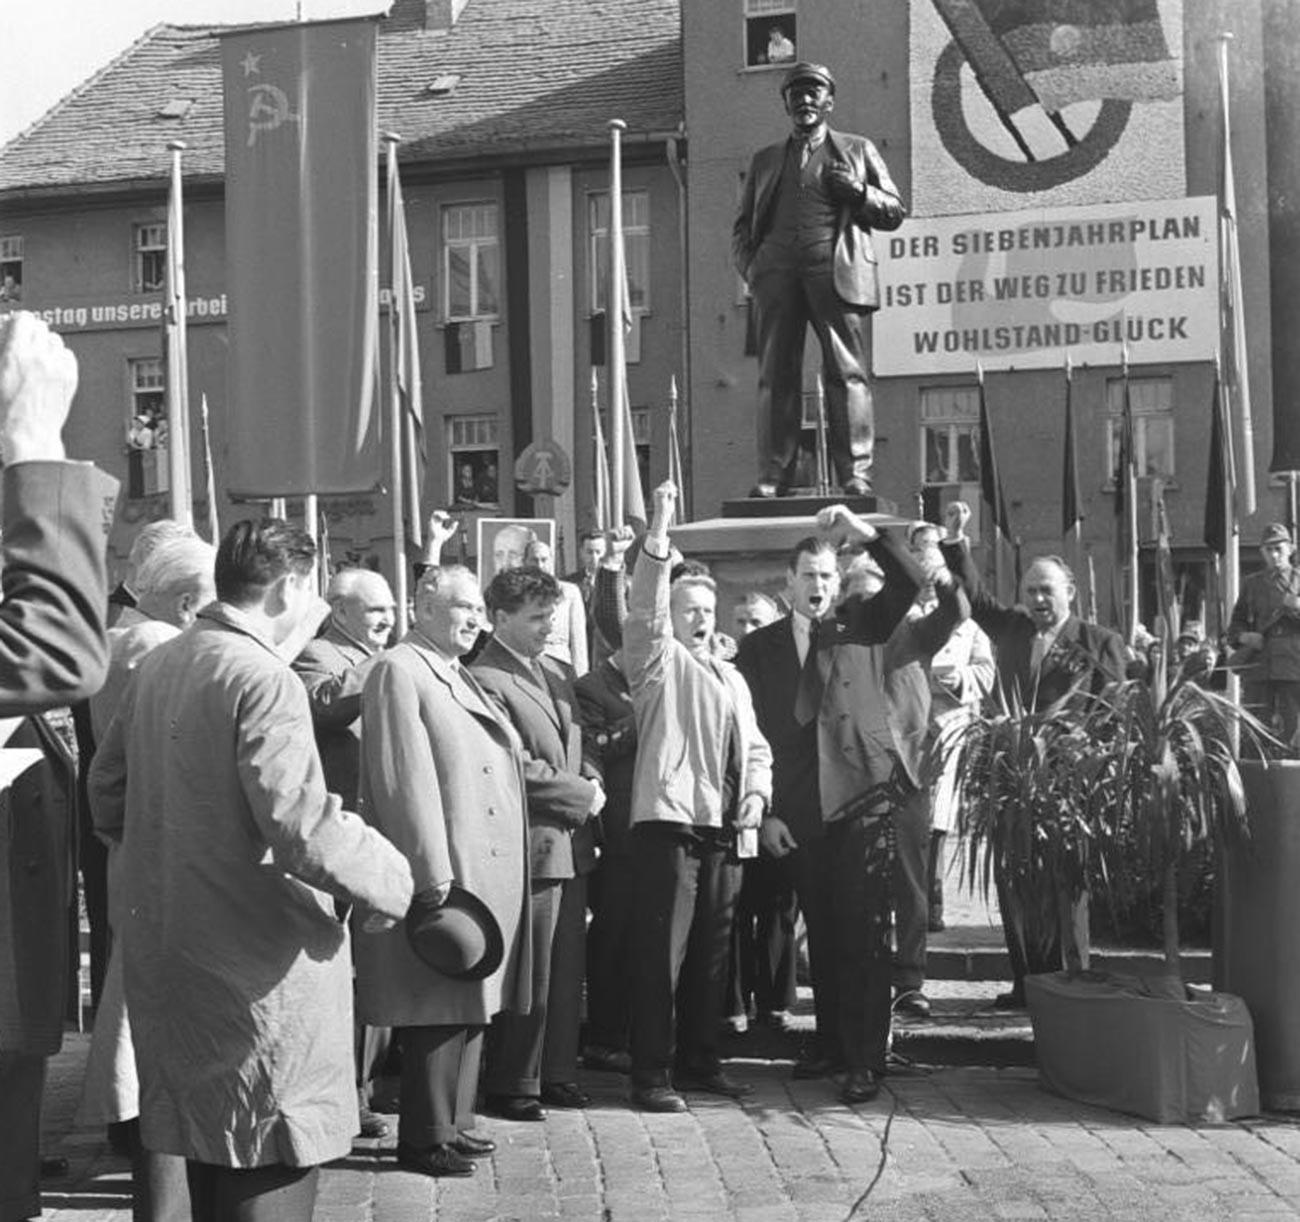 Sovjetska delegacija v Nemški demokratični republiki, 1959